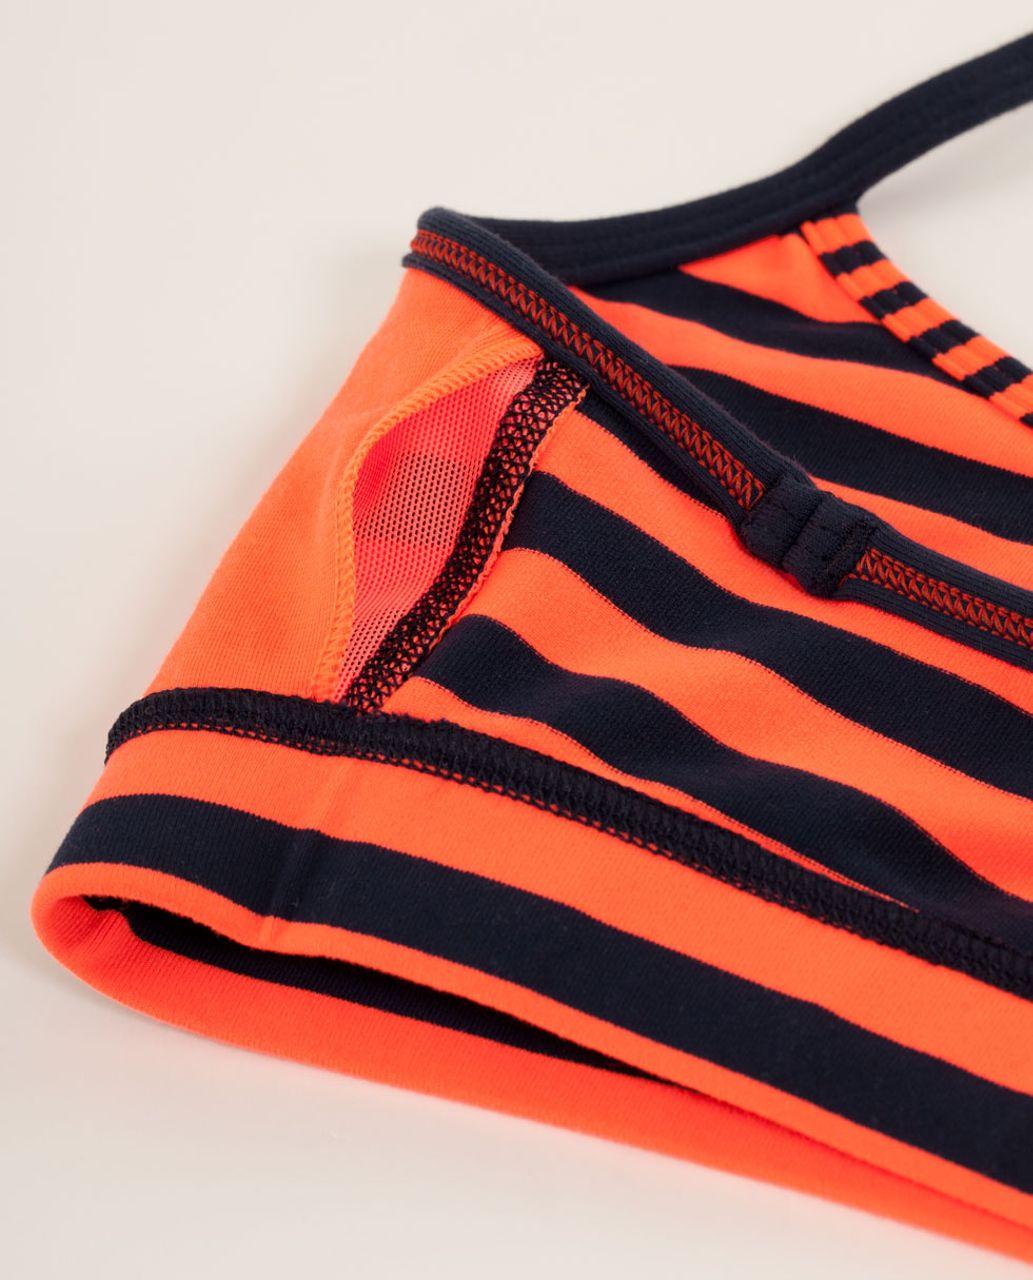 Lululemon Flow Y Bra IV - Sea Stripe Light Flare Inkwell / Inkwell / Classic Stripe Light Flare Inkwell